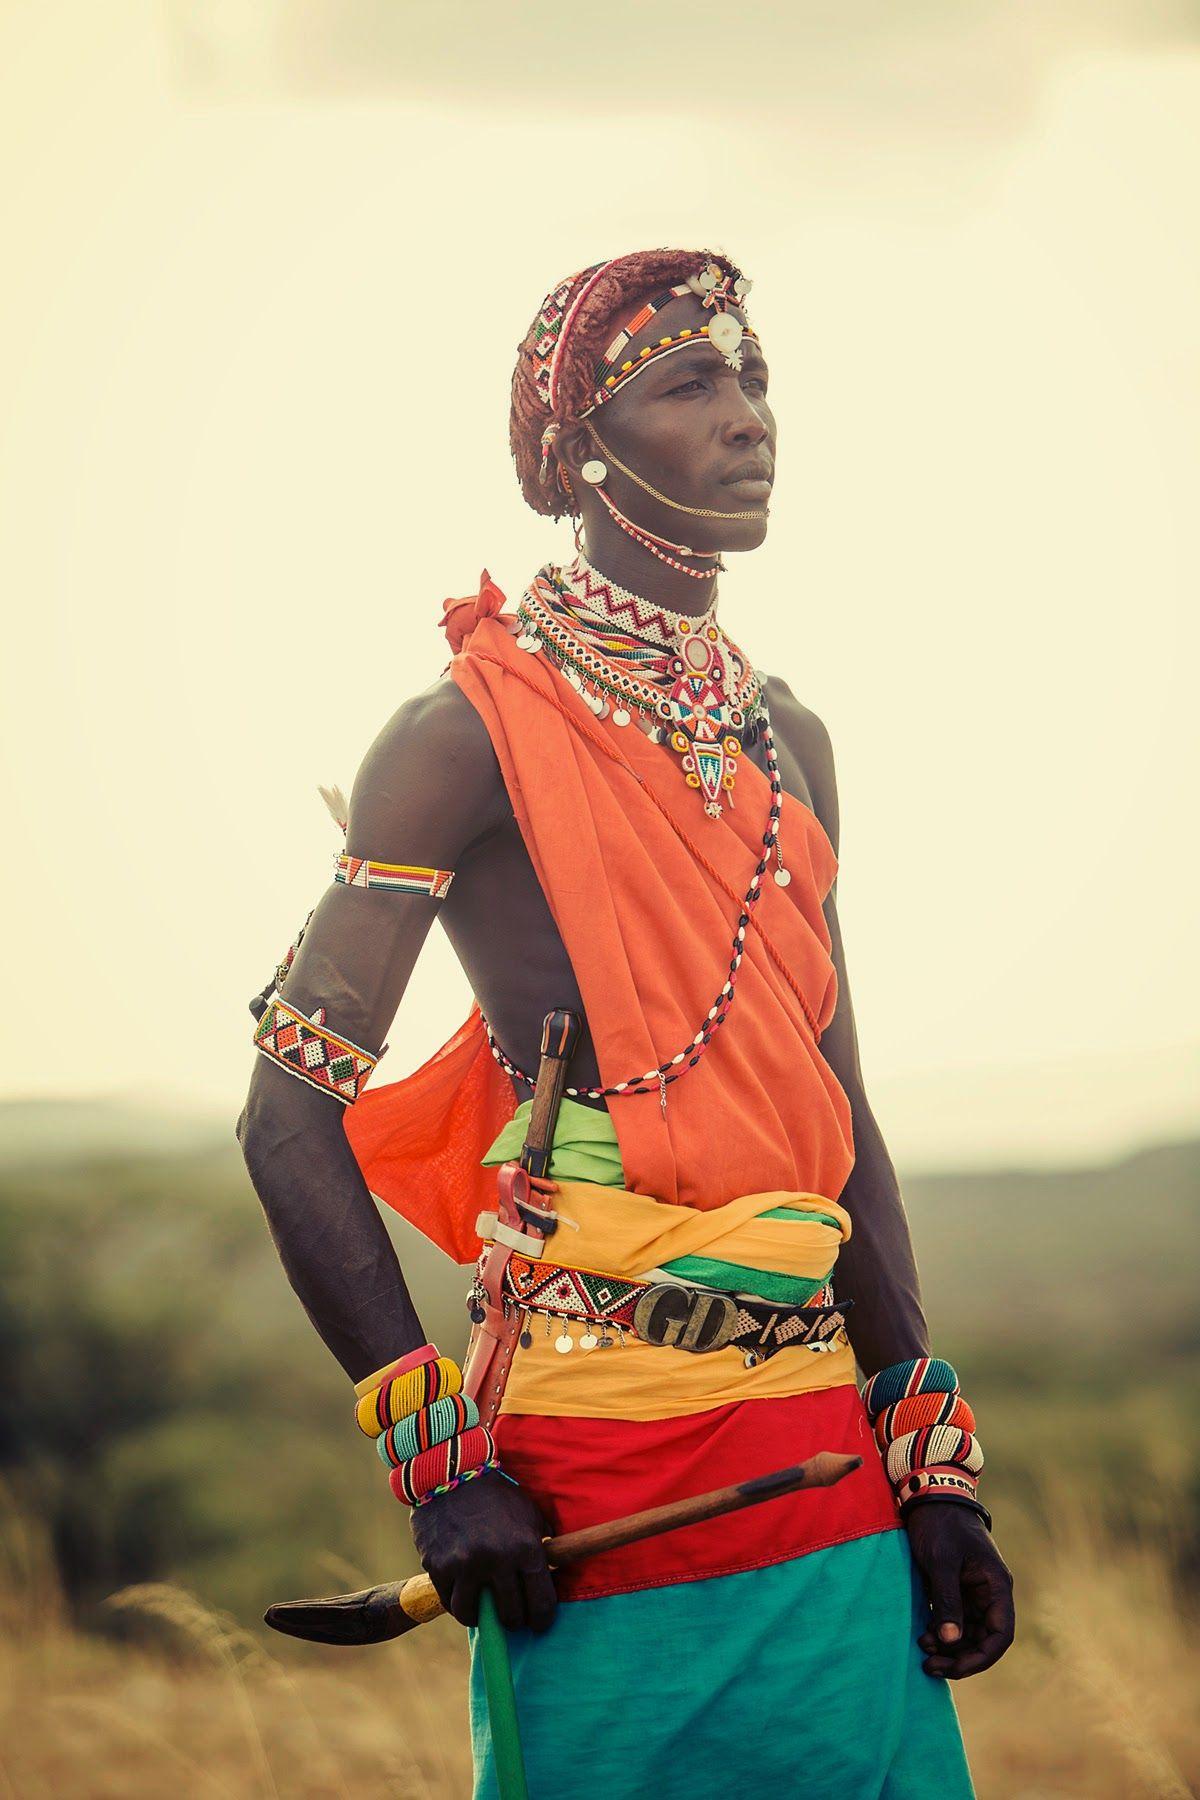 The colourful robes of the Samburu in Kenya. Taken by